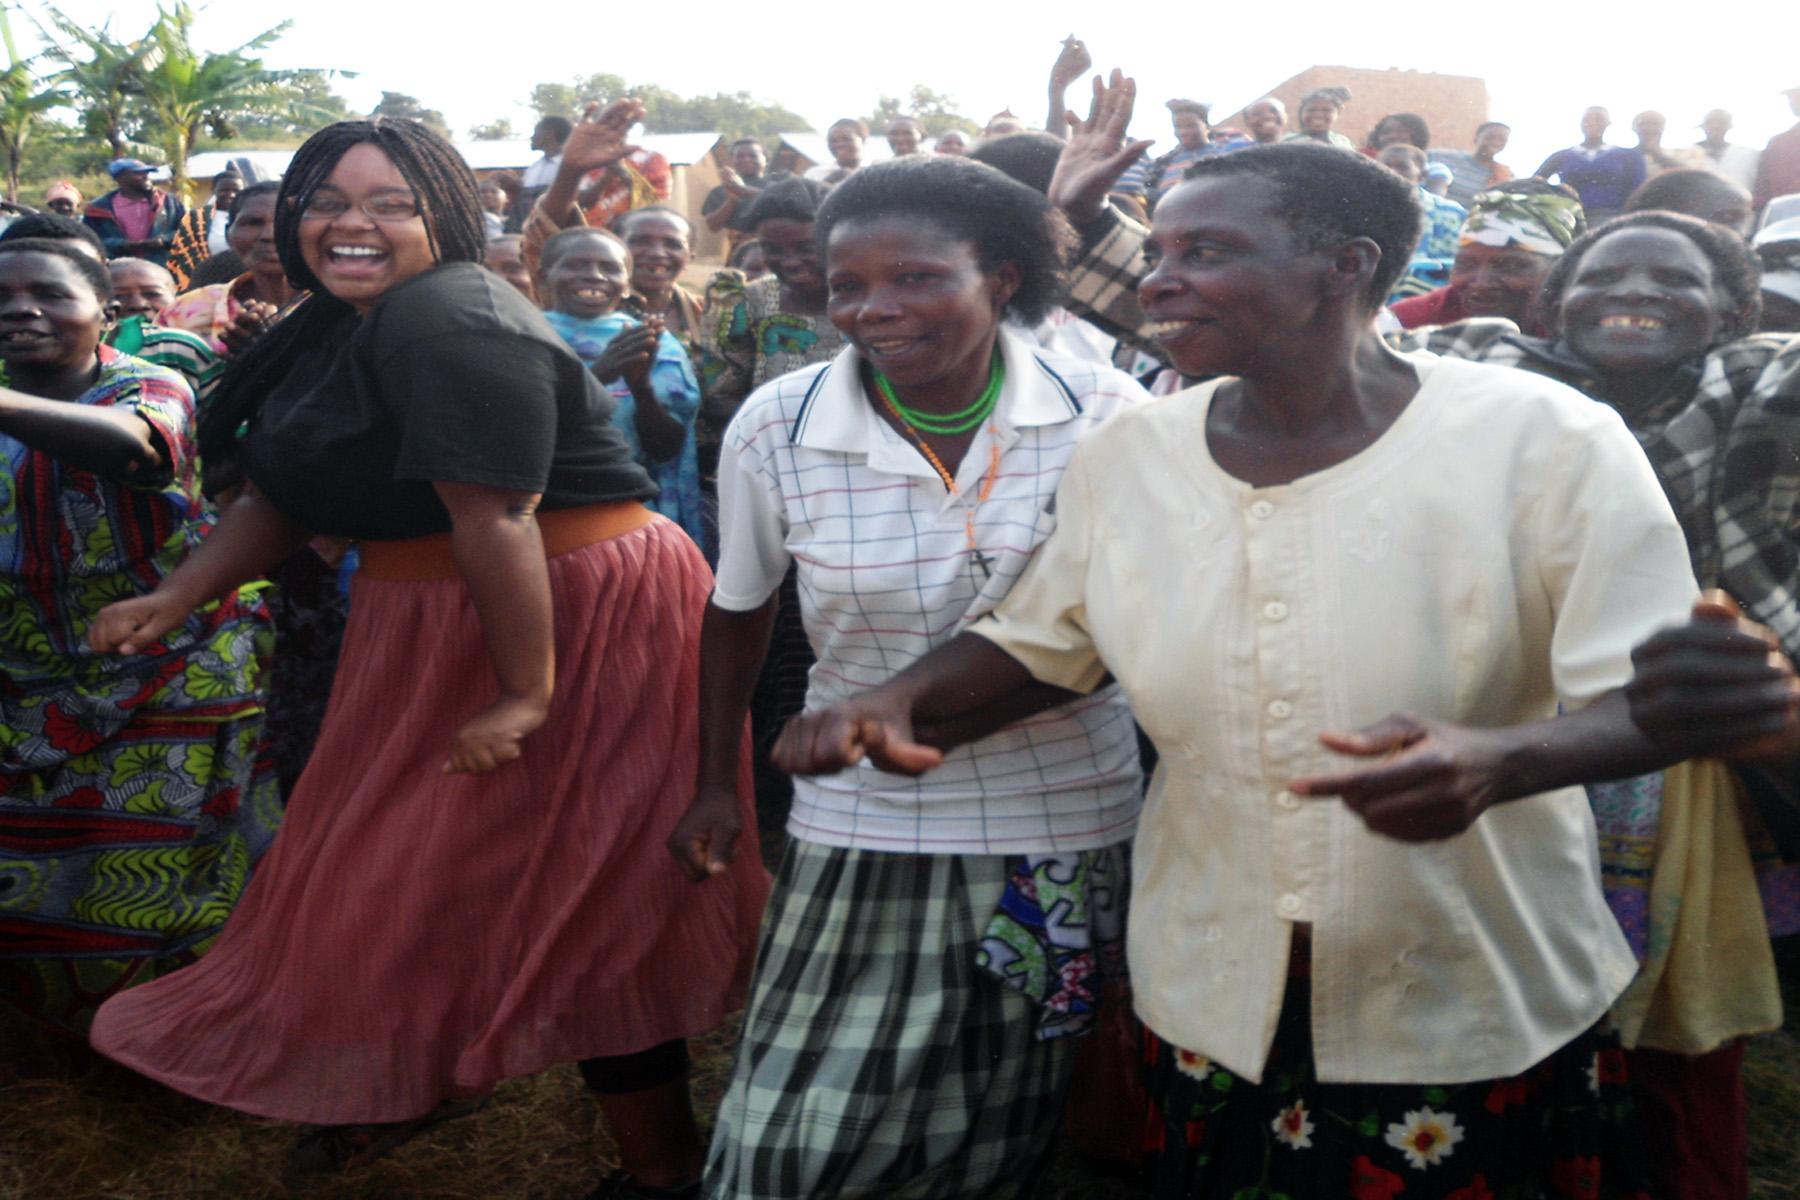 Neena in Uganda